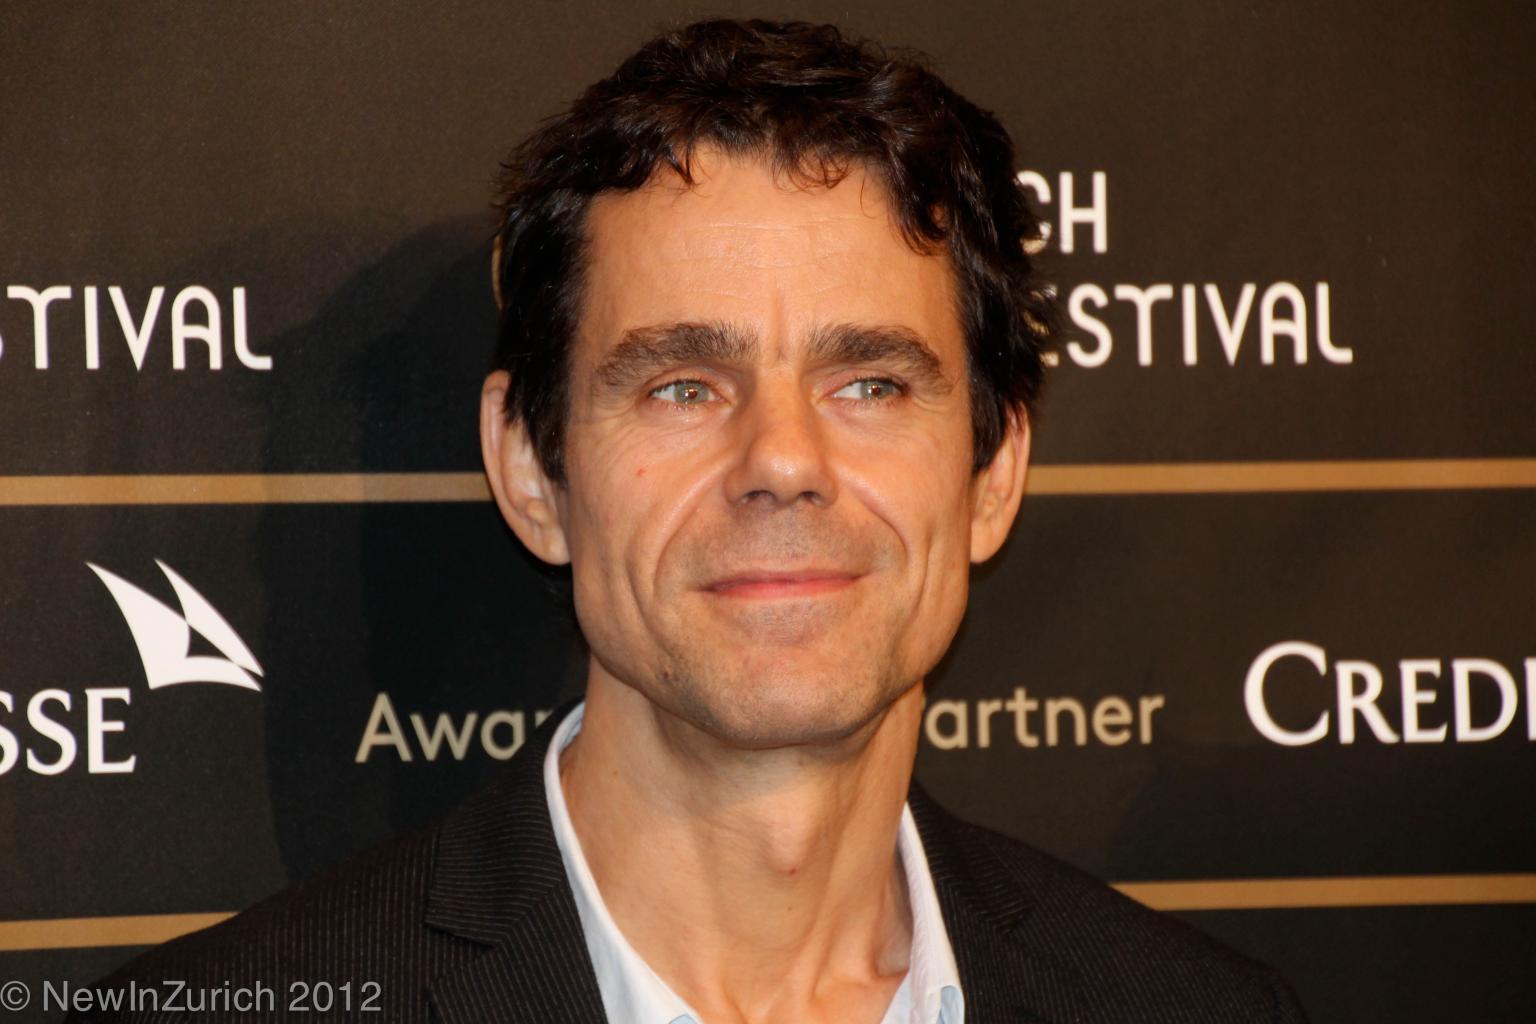 Zurich Film Festival Awards 2012 - Tom Tykwer, Heather Graham And